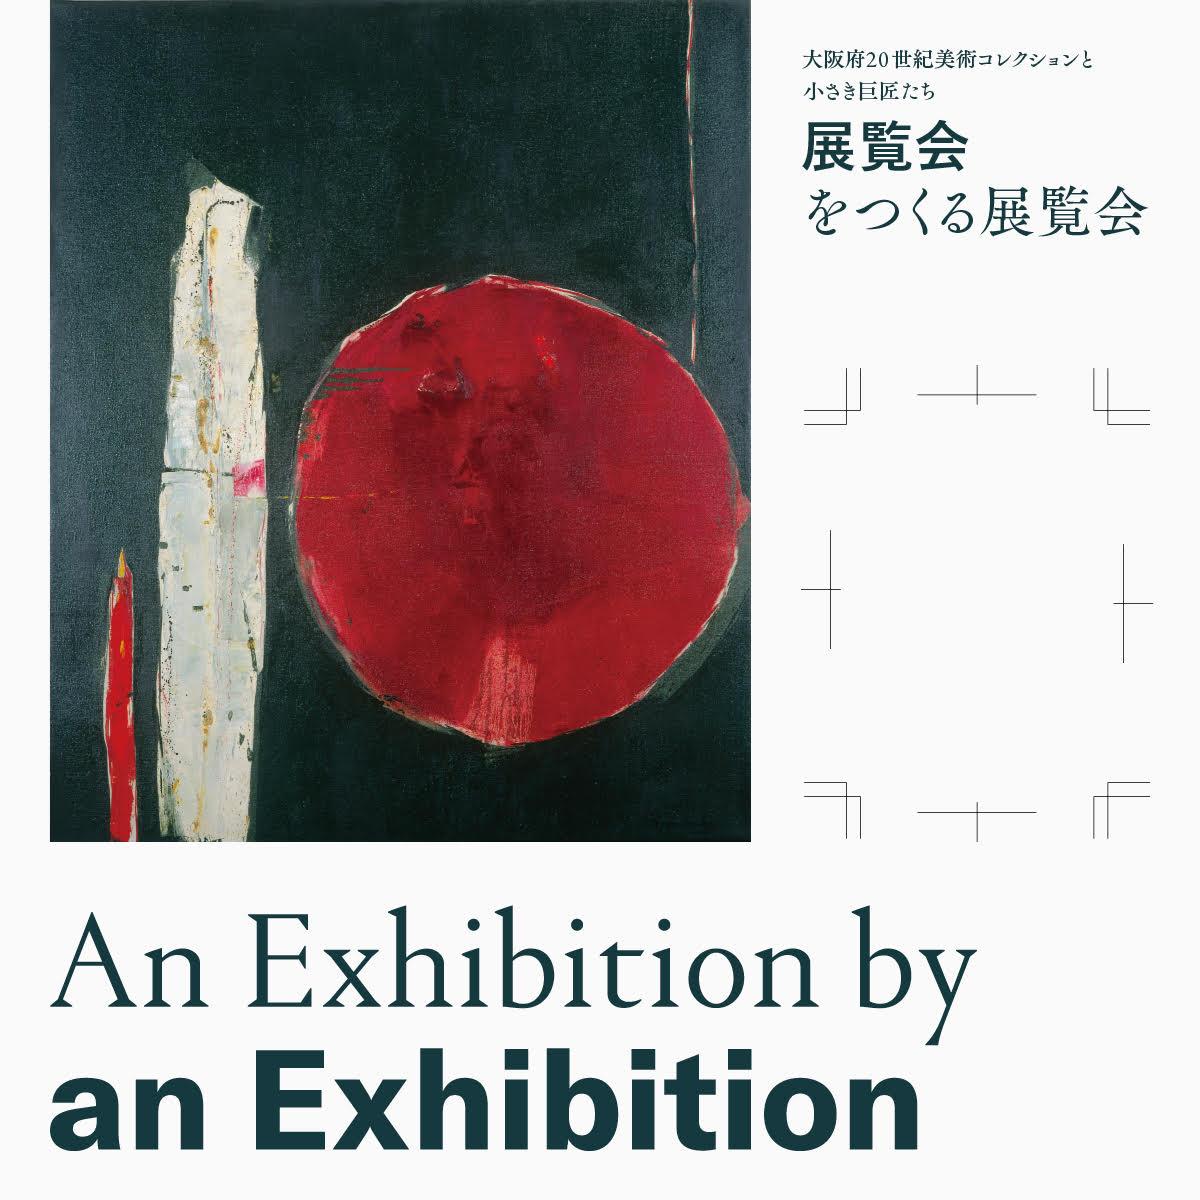 大阪府20世紀美術コレクションと小さき巨匠たち「展覧会をつくる展覧会」